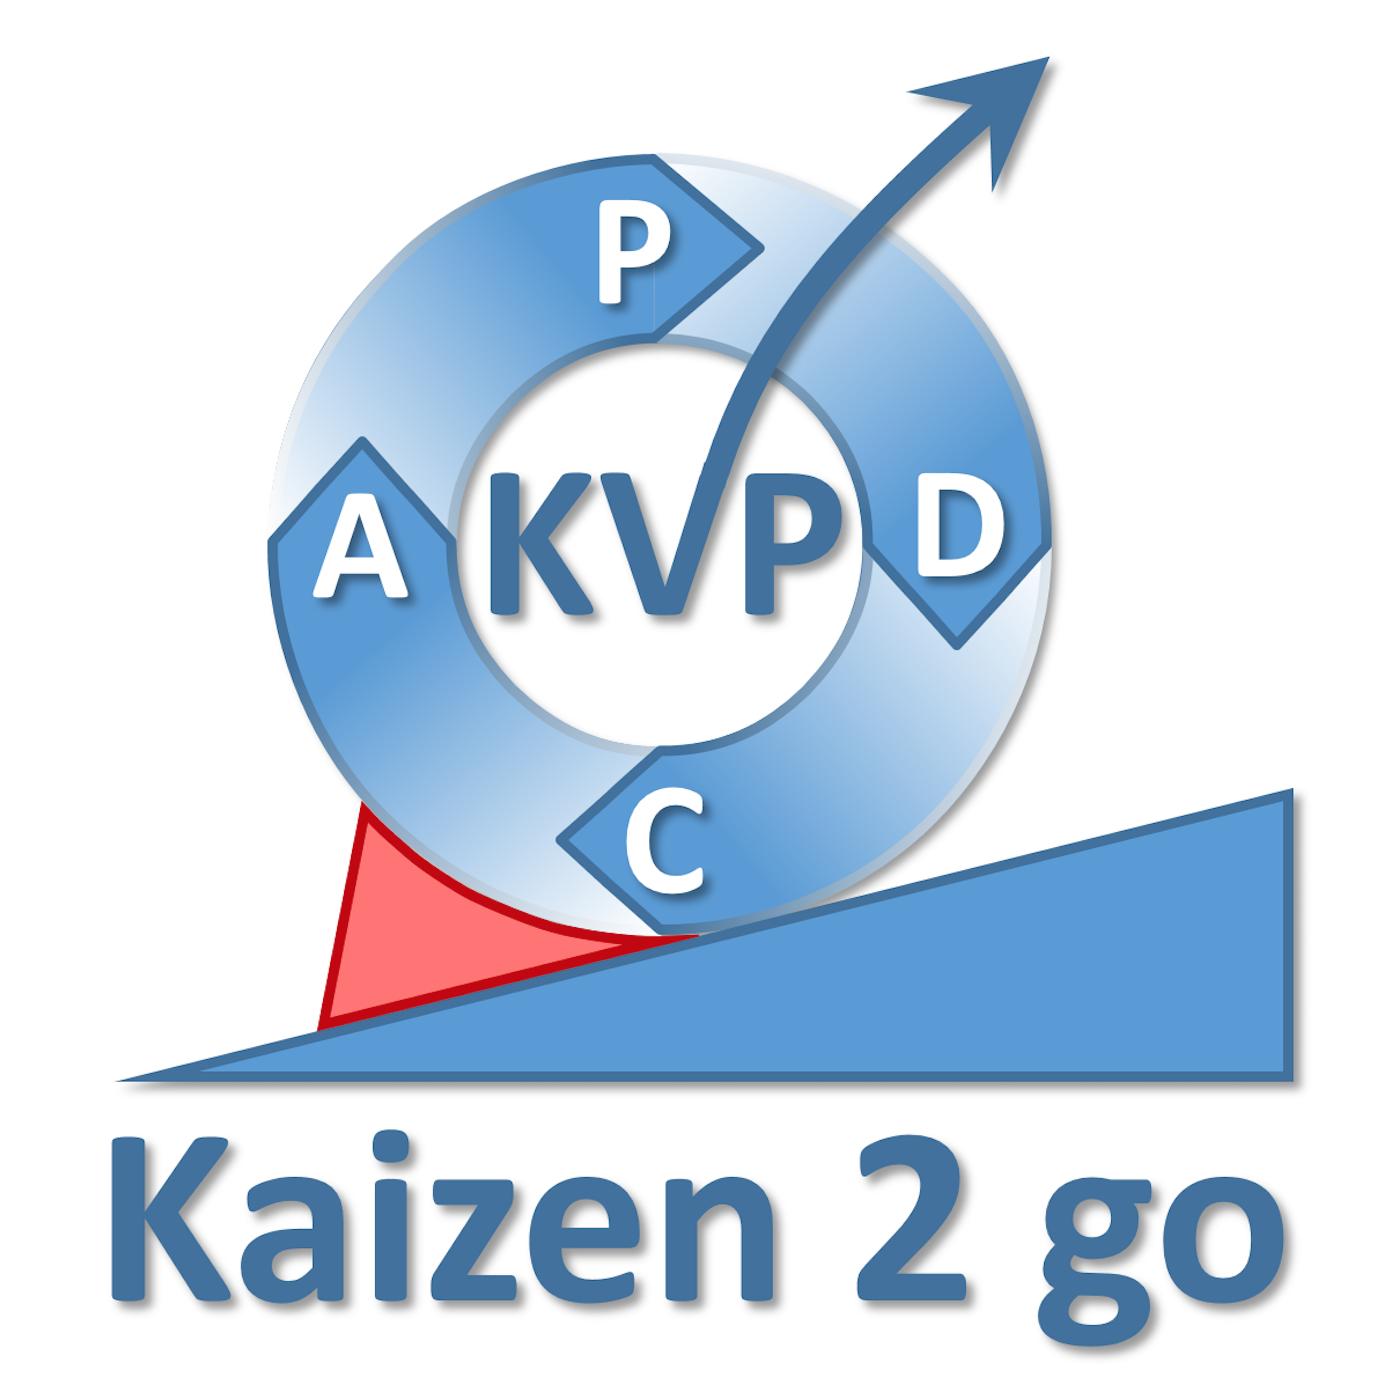 Kaizen 2 go